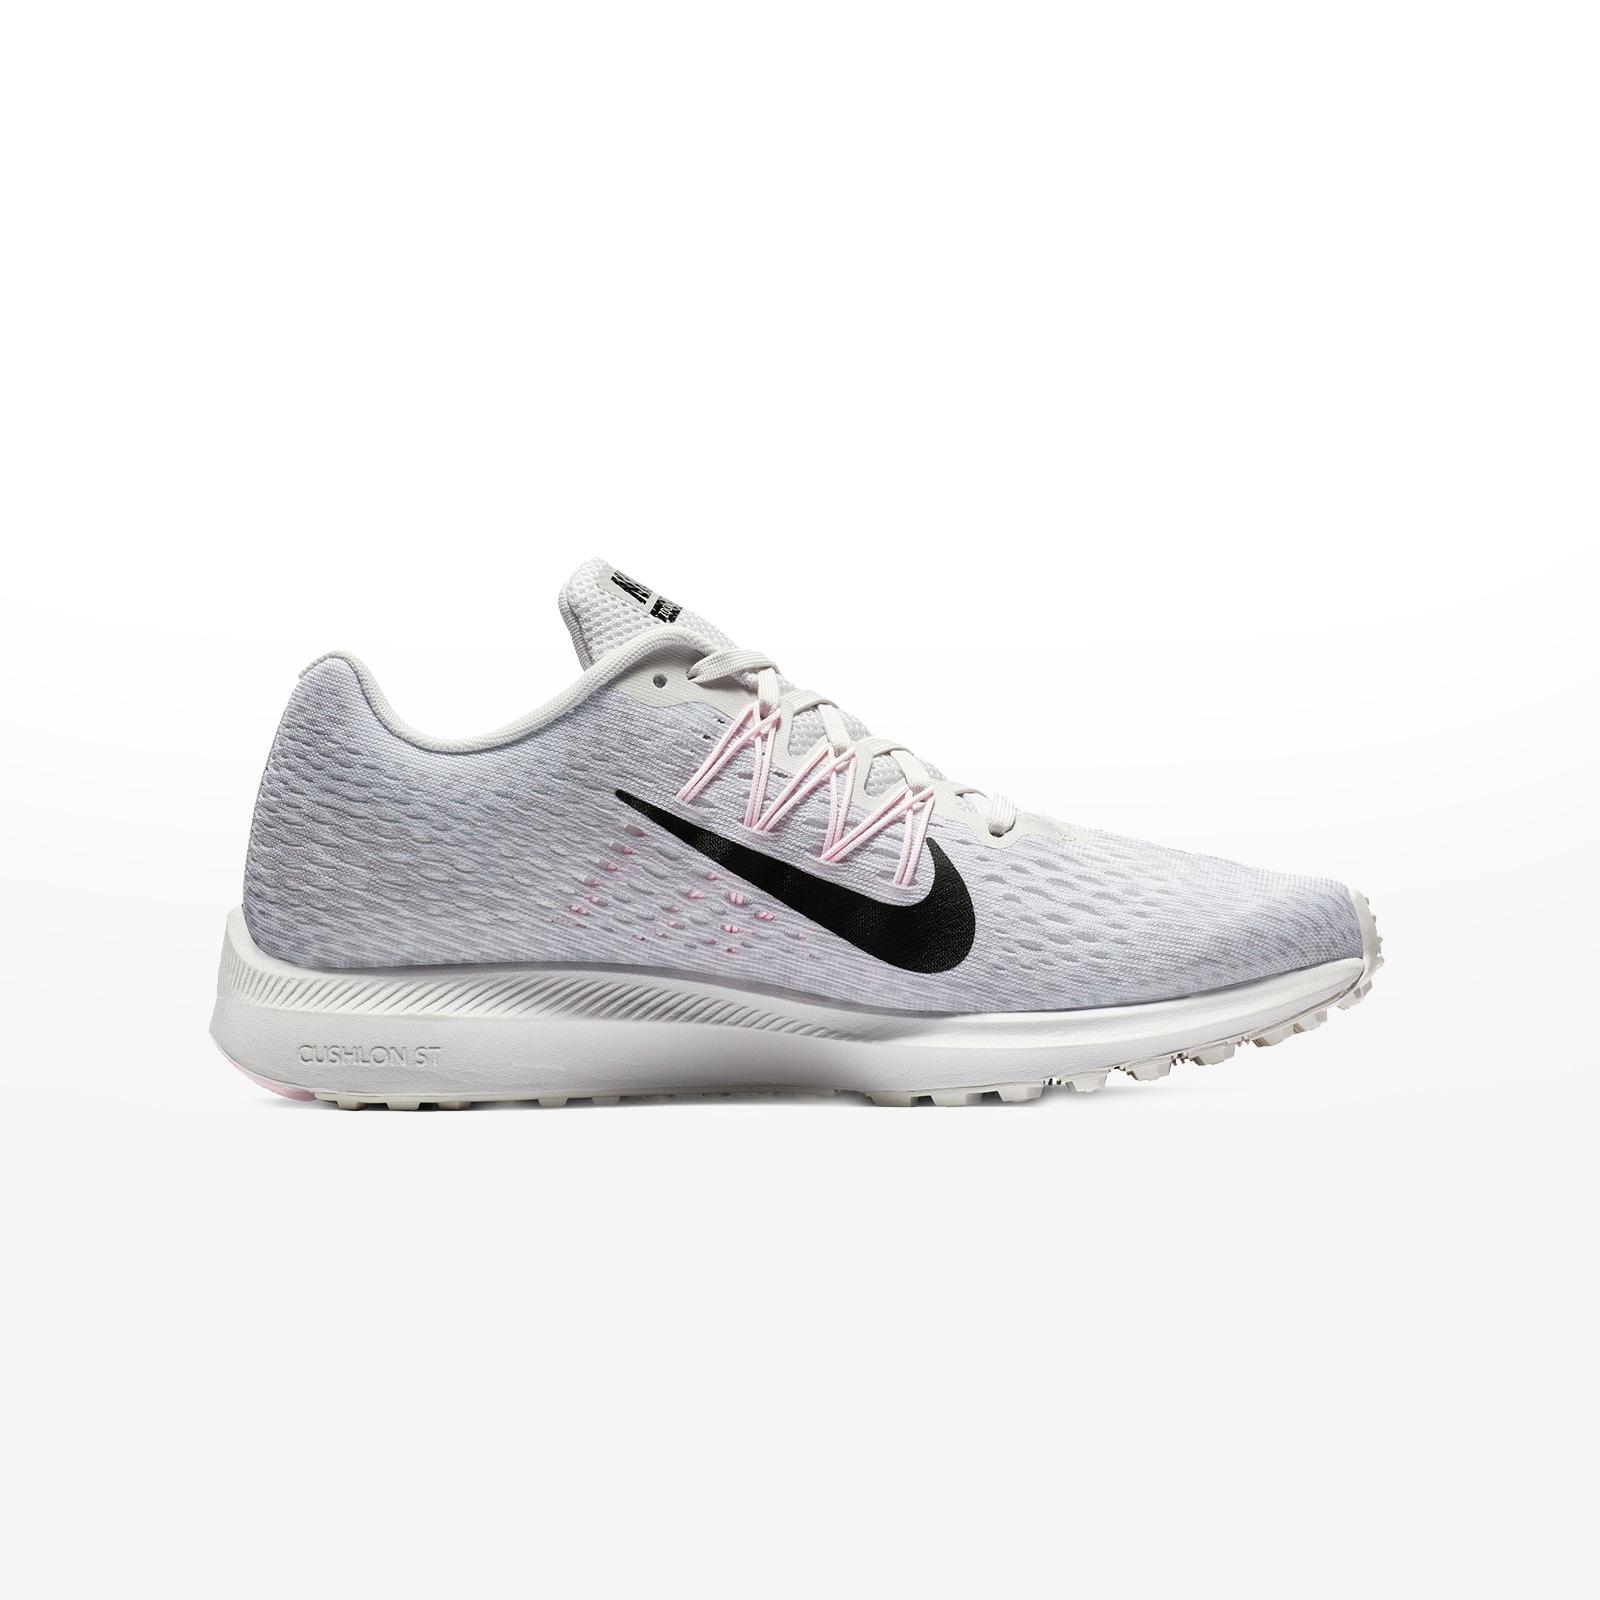 9054a1f5d64 NIKE - Γυναικεία Αθλητικά Ρούχα, Γυναικεία Αθλητικά Παπούτσια ...